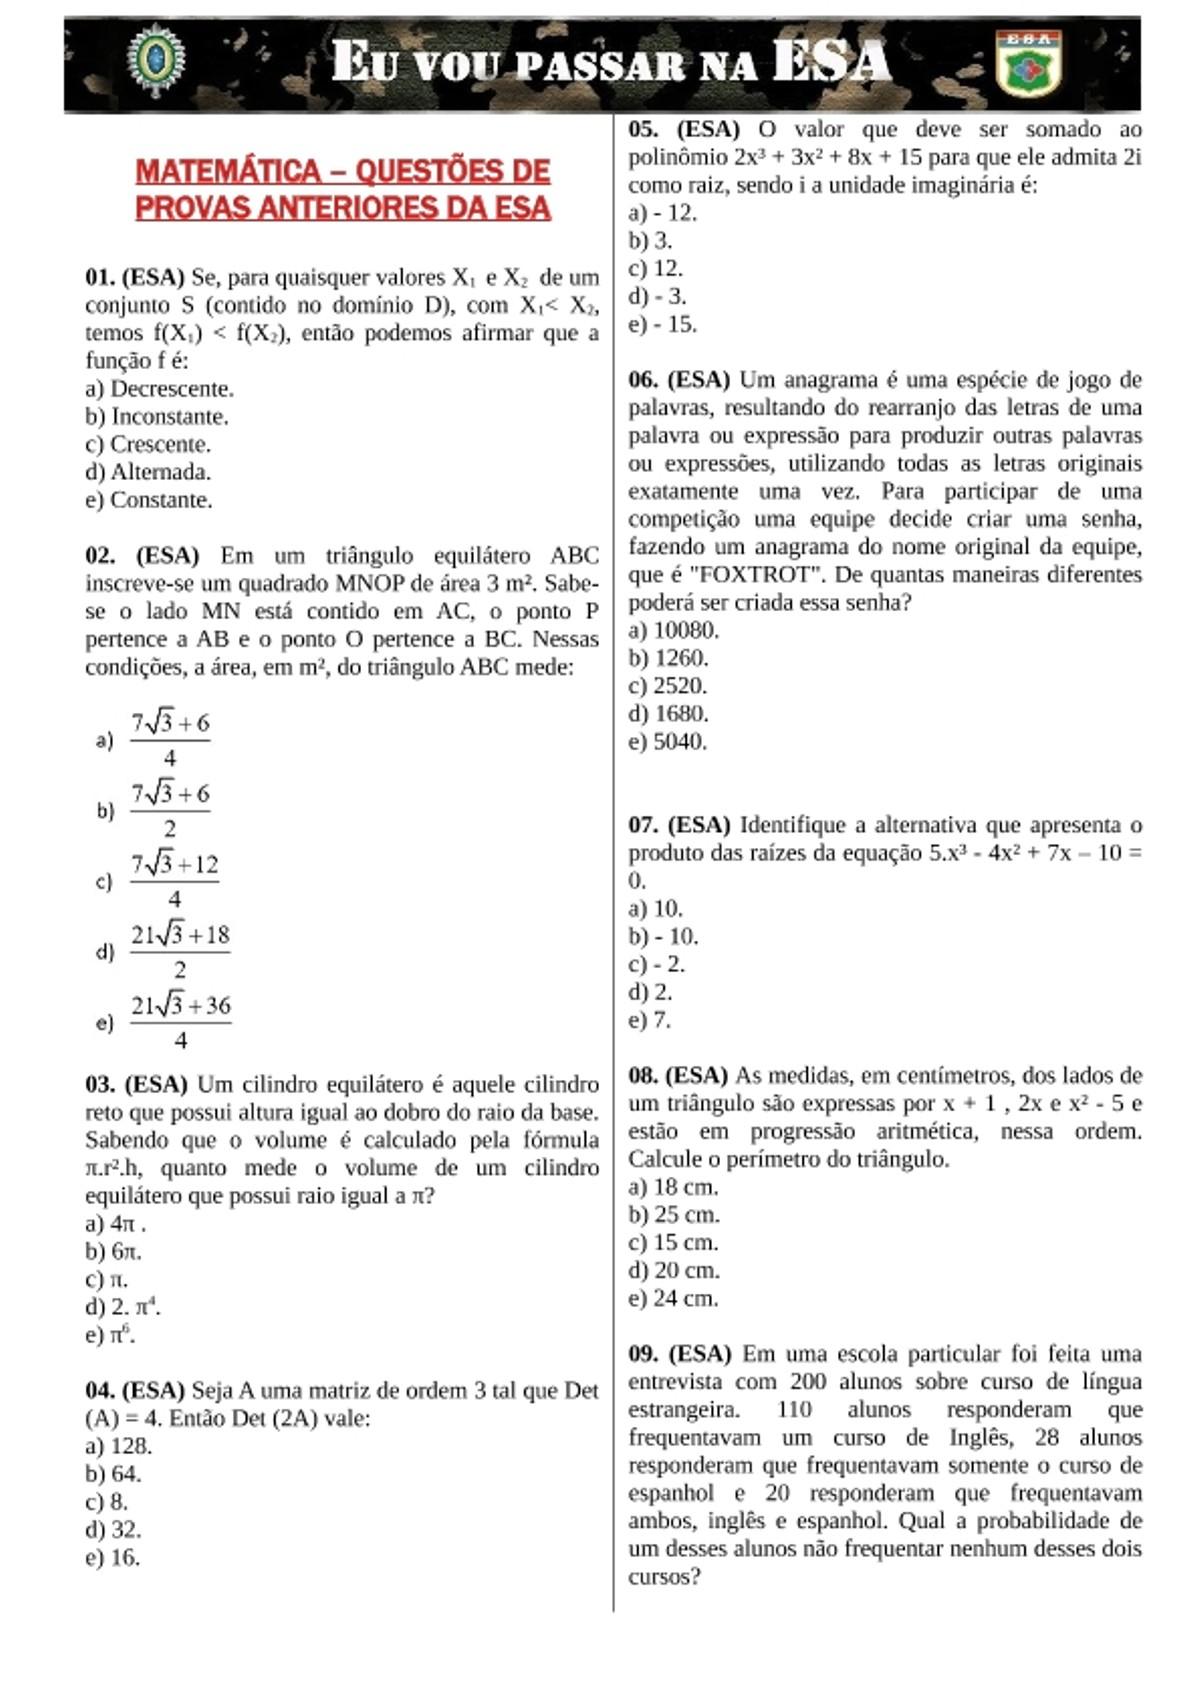 Pre-visualização do material EXERCÍCIOS DE MATEMÁTICA PARA CONCURSO DA ESA - página 1